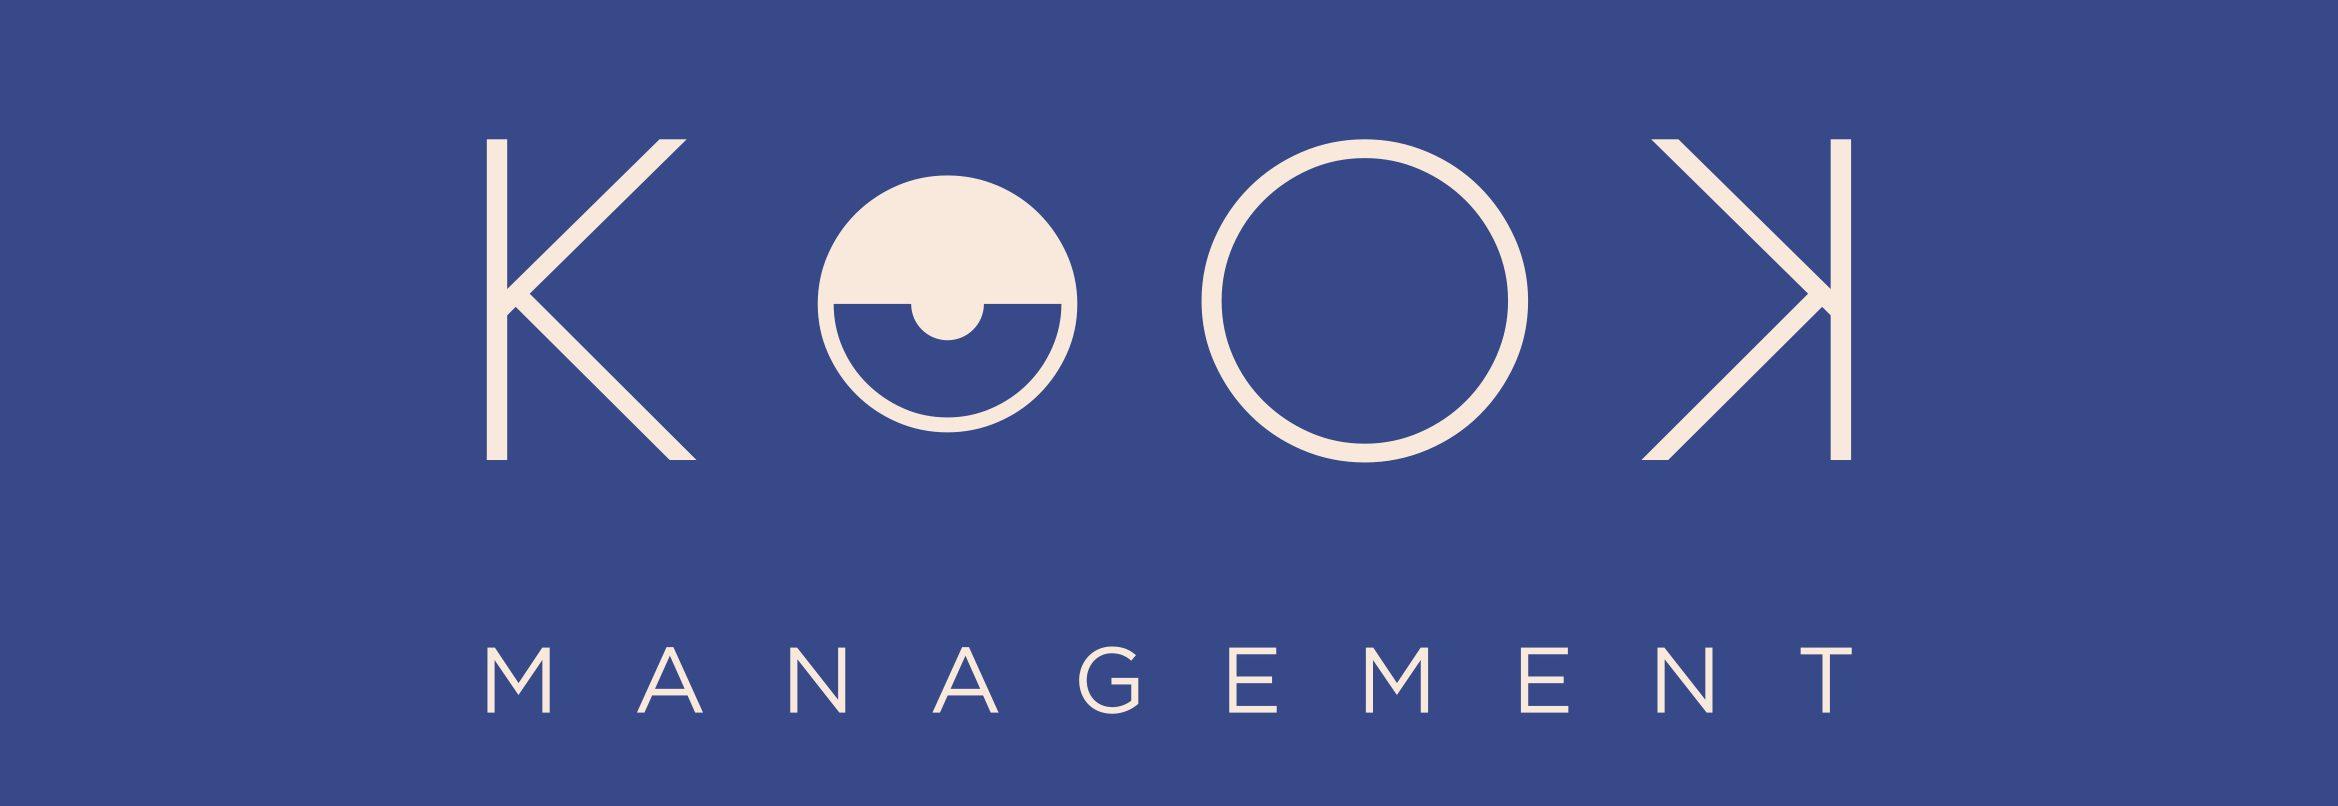 Kook Management - Visioimme uudistuvia yrityksiä